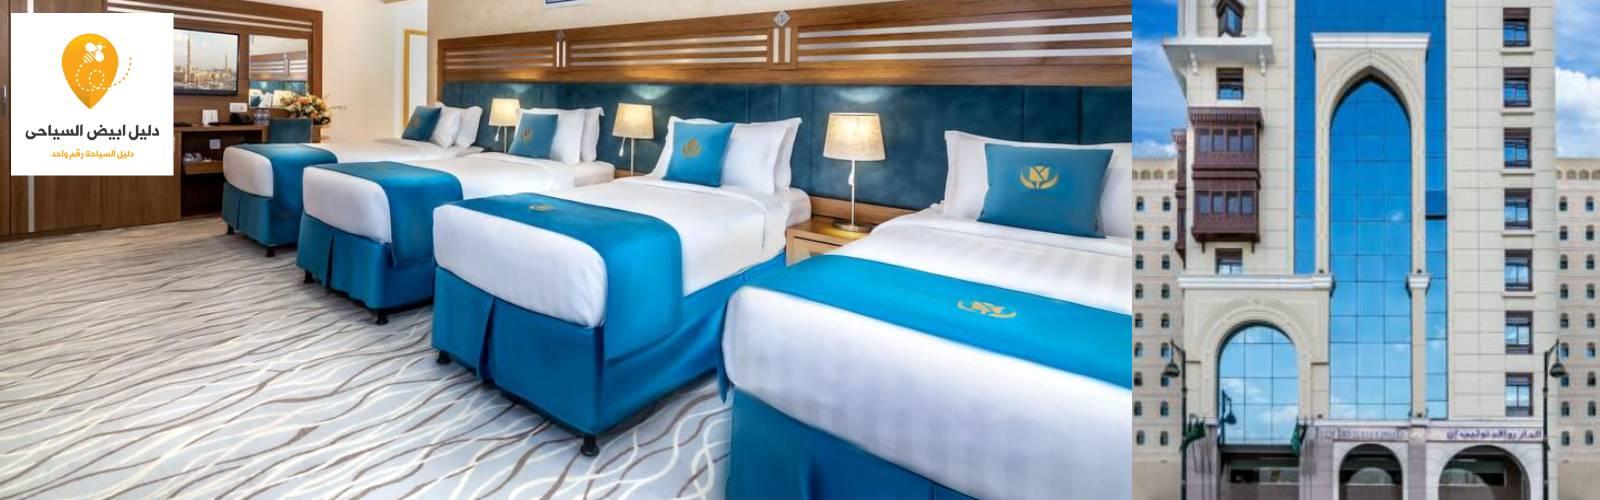 أهم 7 فنادق فى شارع السلام فى المدينة المنورة ومميزات لا تعرفها